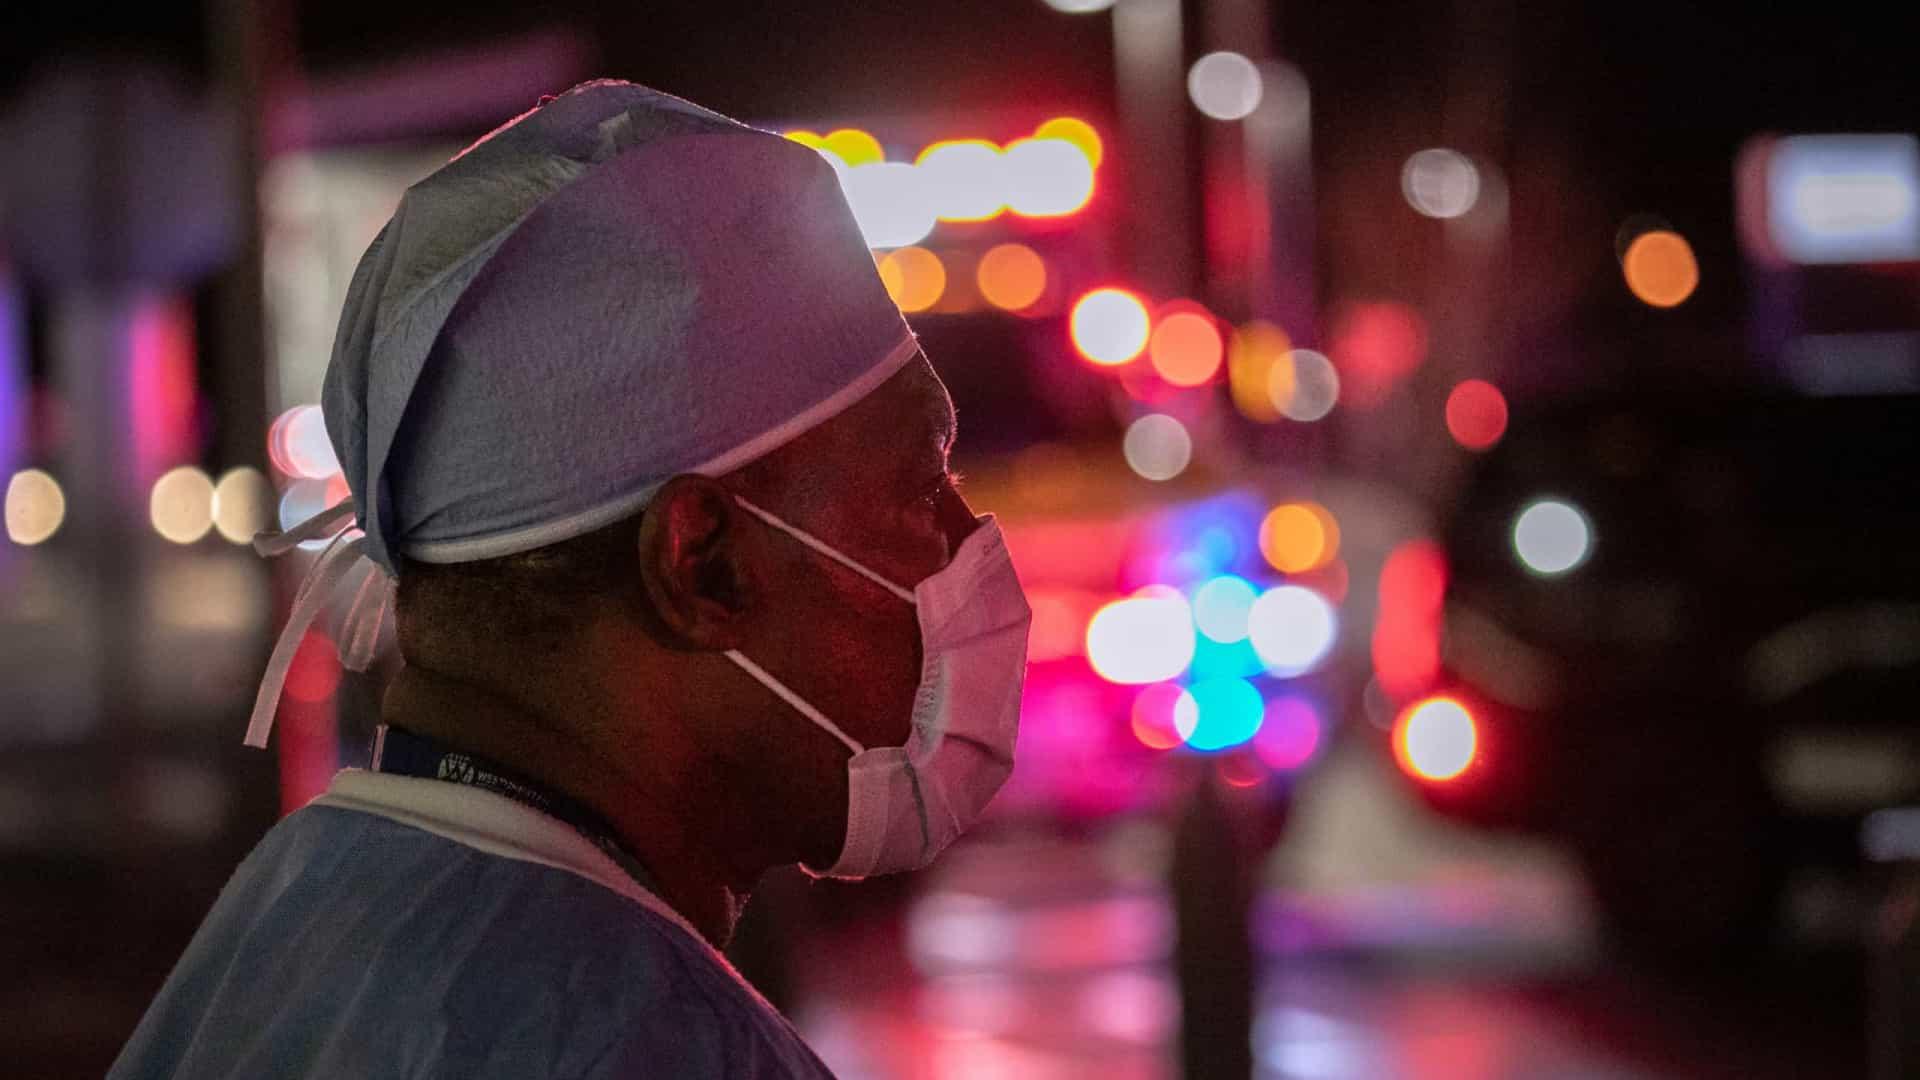 naom 5fe1adc1136e3 - EUA superam 350 mil mortos neste domingo e autoridades temem novo surto